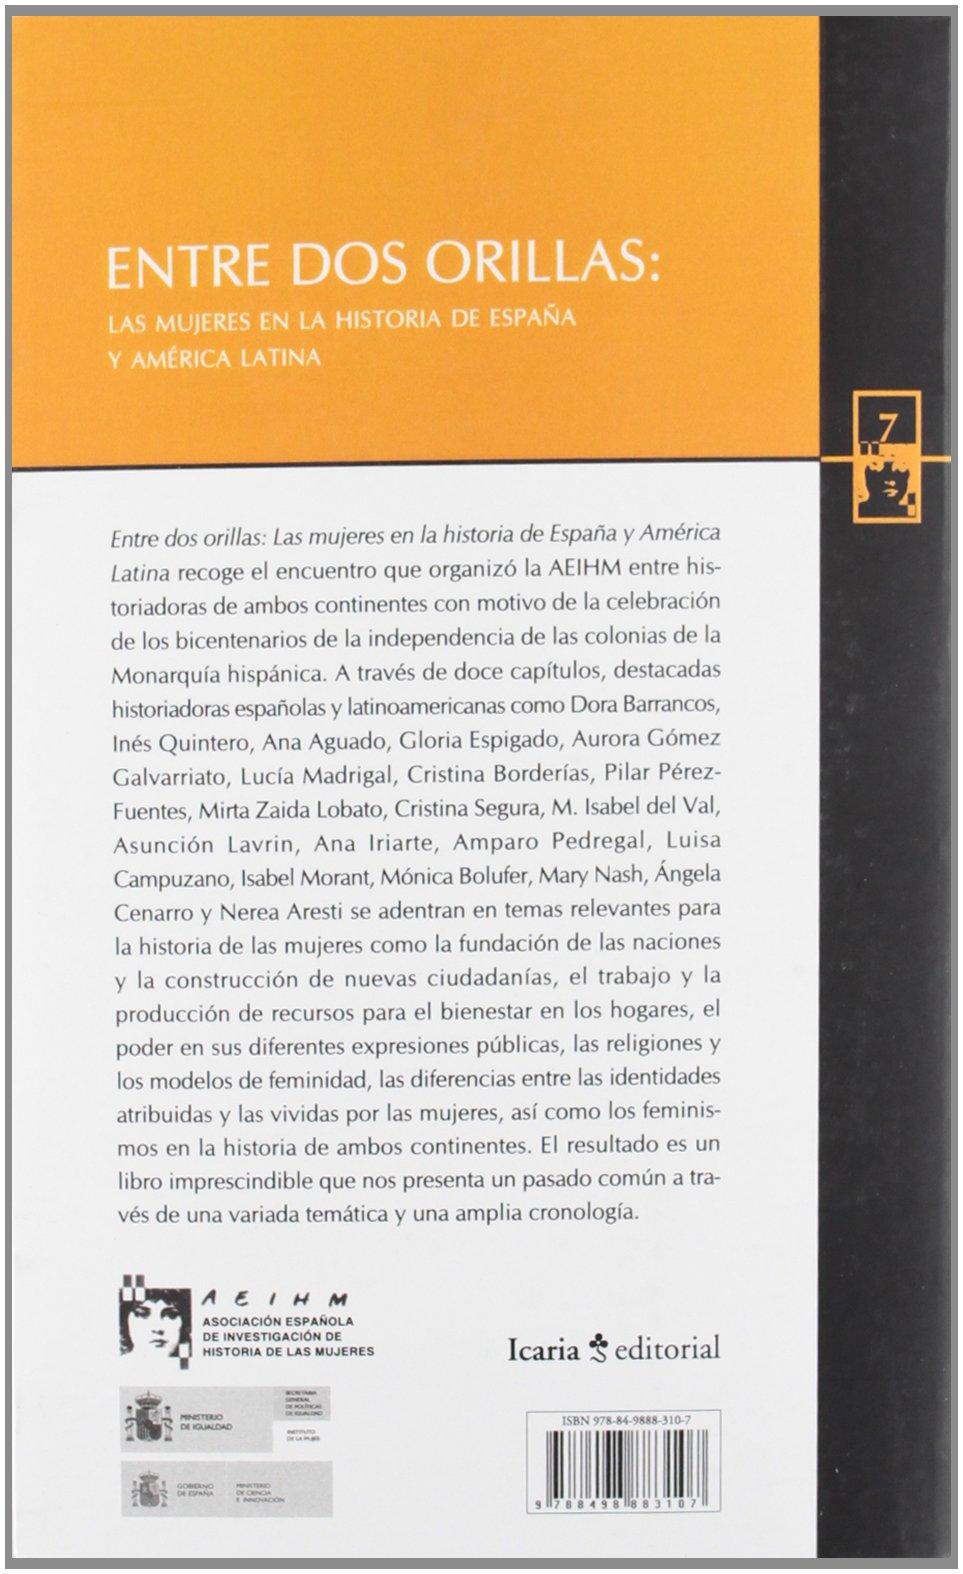 ENTRE DOS ORILLAS: LAS MUJERES EN LA HISTORIA DE ESPAÑA Y AMÉRICA LATINA AEIHM: Amazon.es: Pérez-Fuentes Hernández, Pilar: Libros